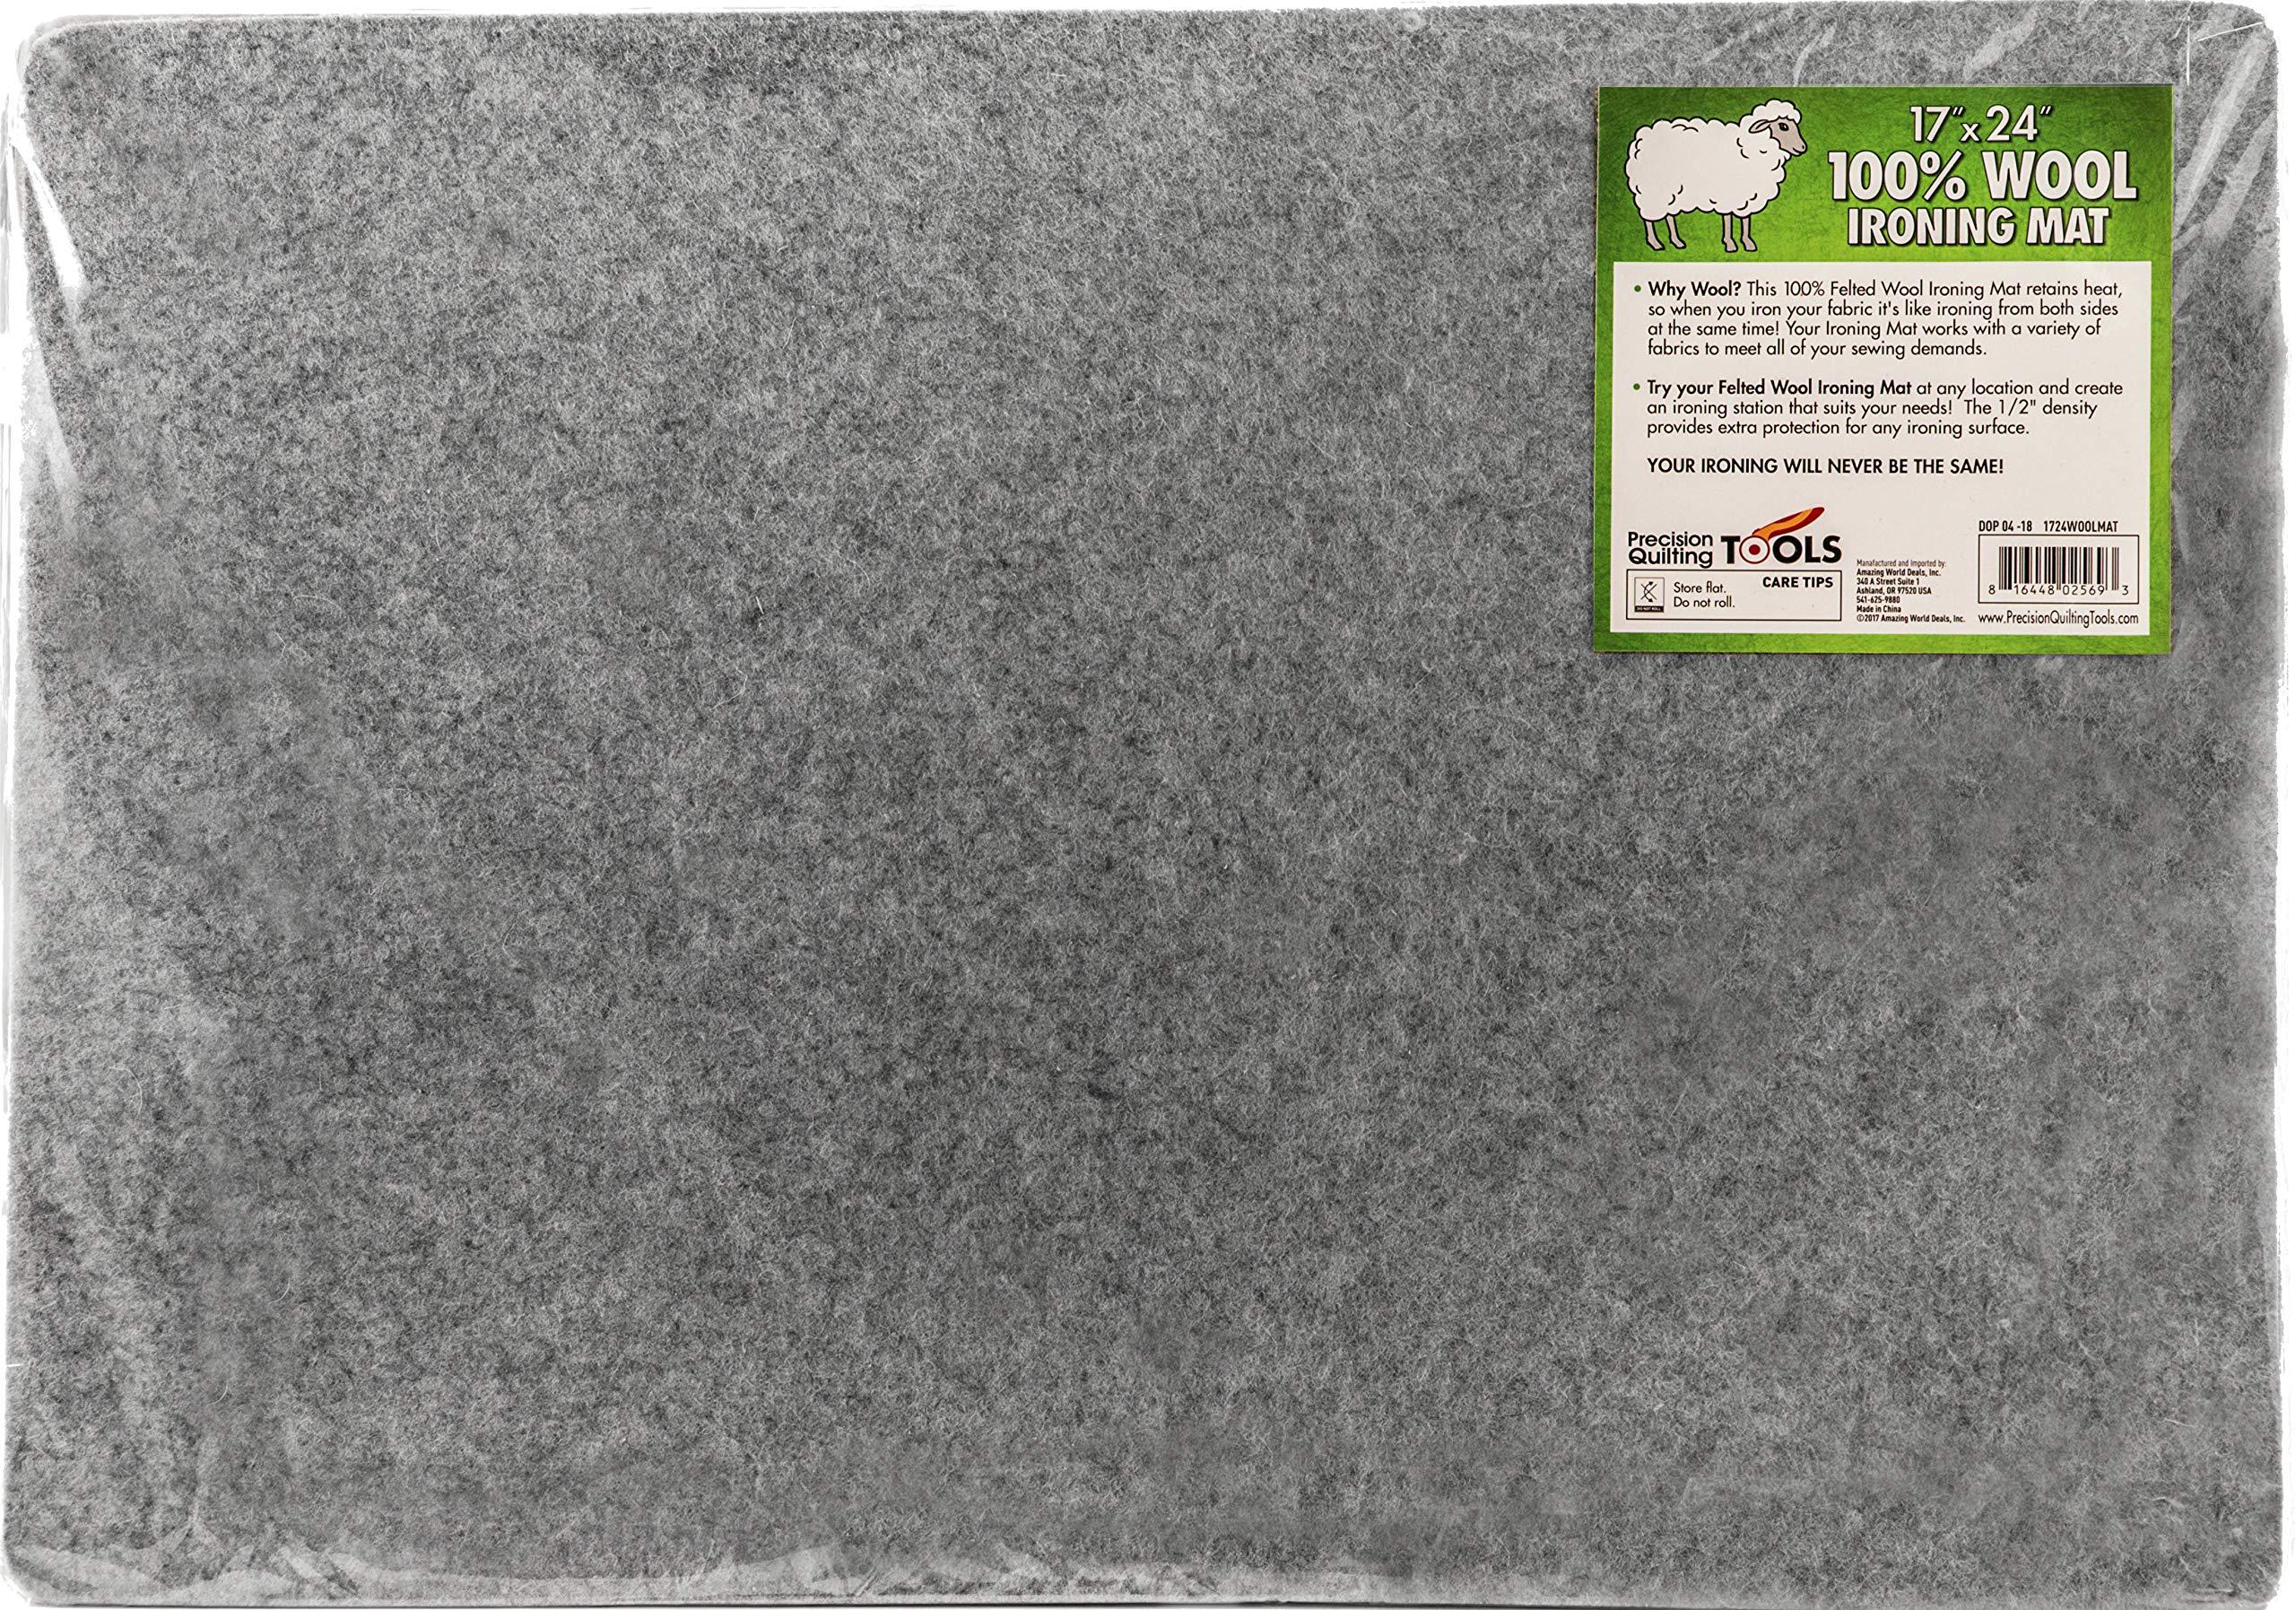 17 24 Wool Ironing Mat